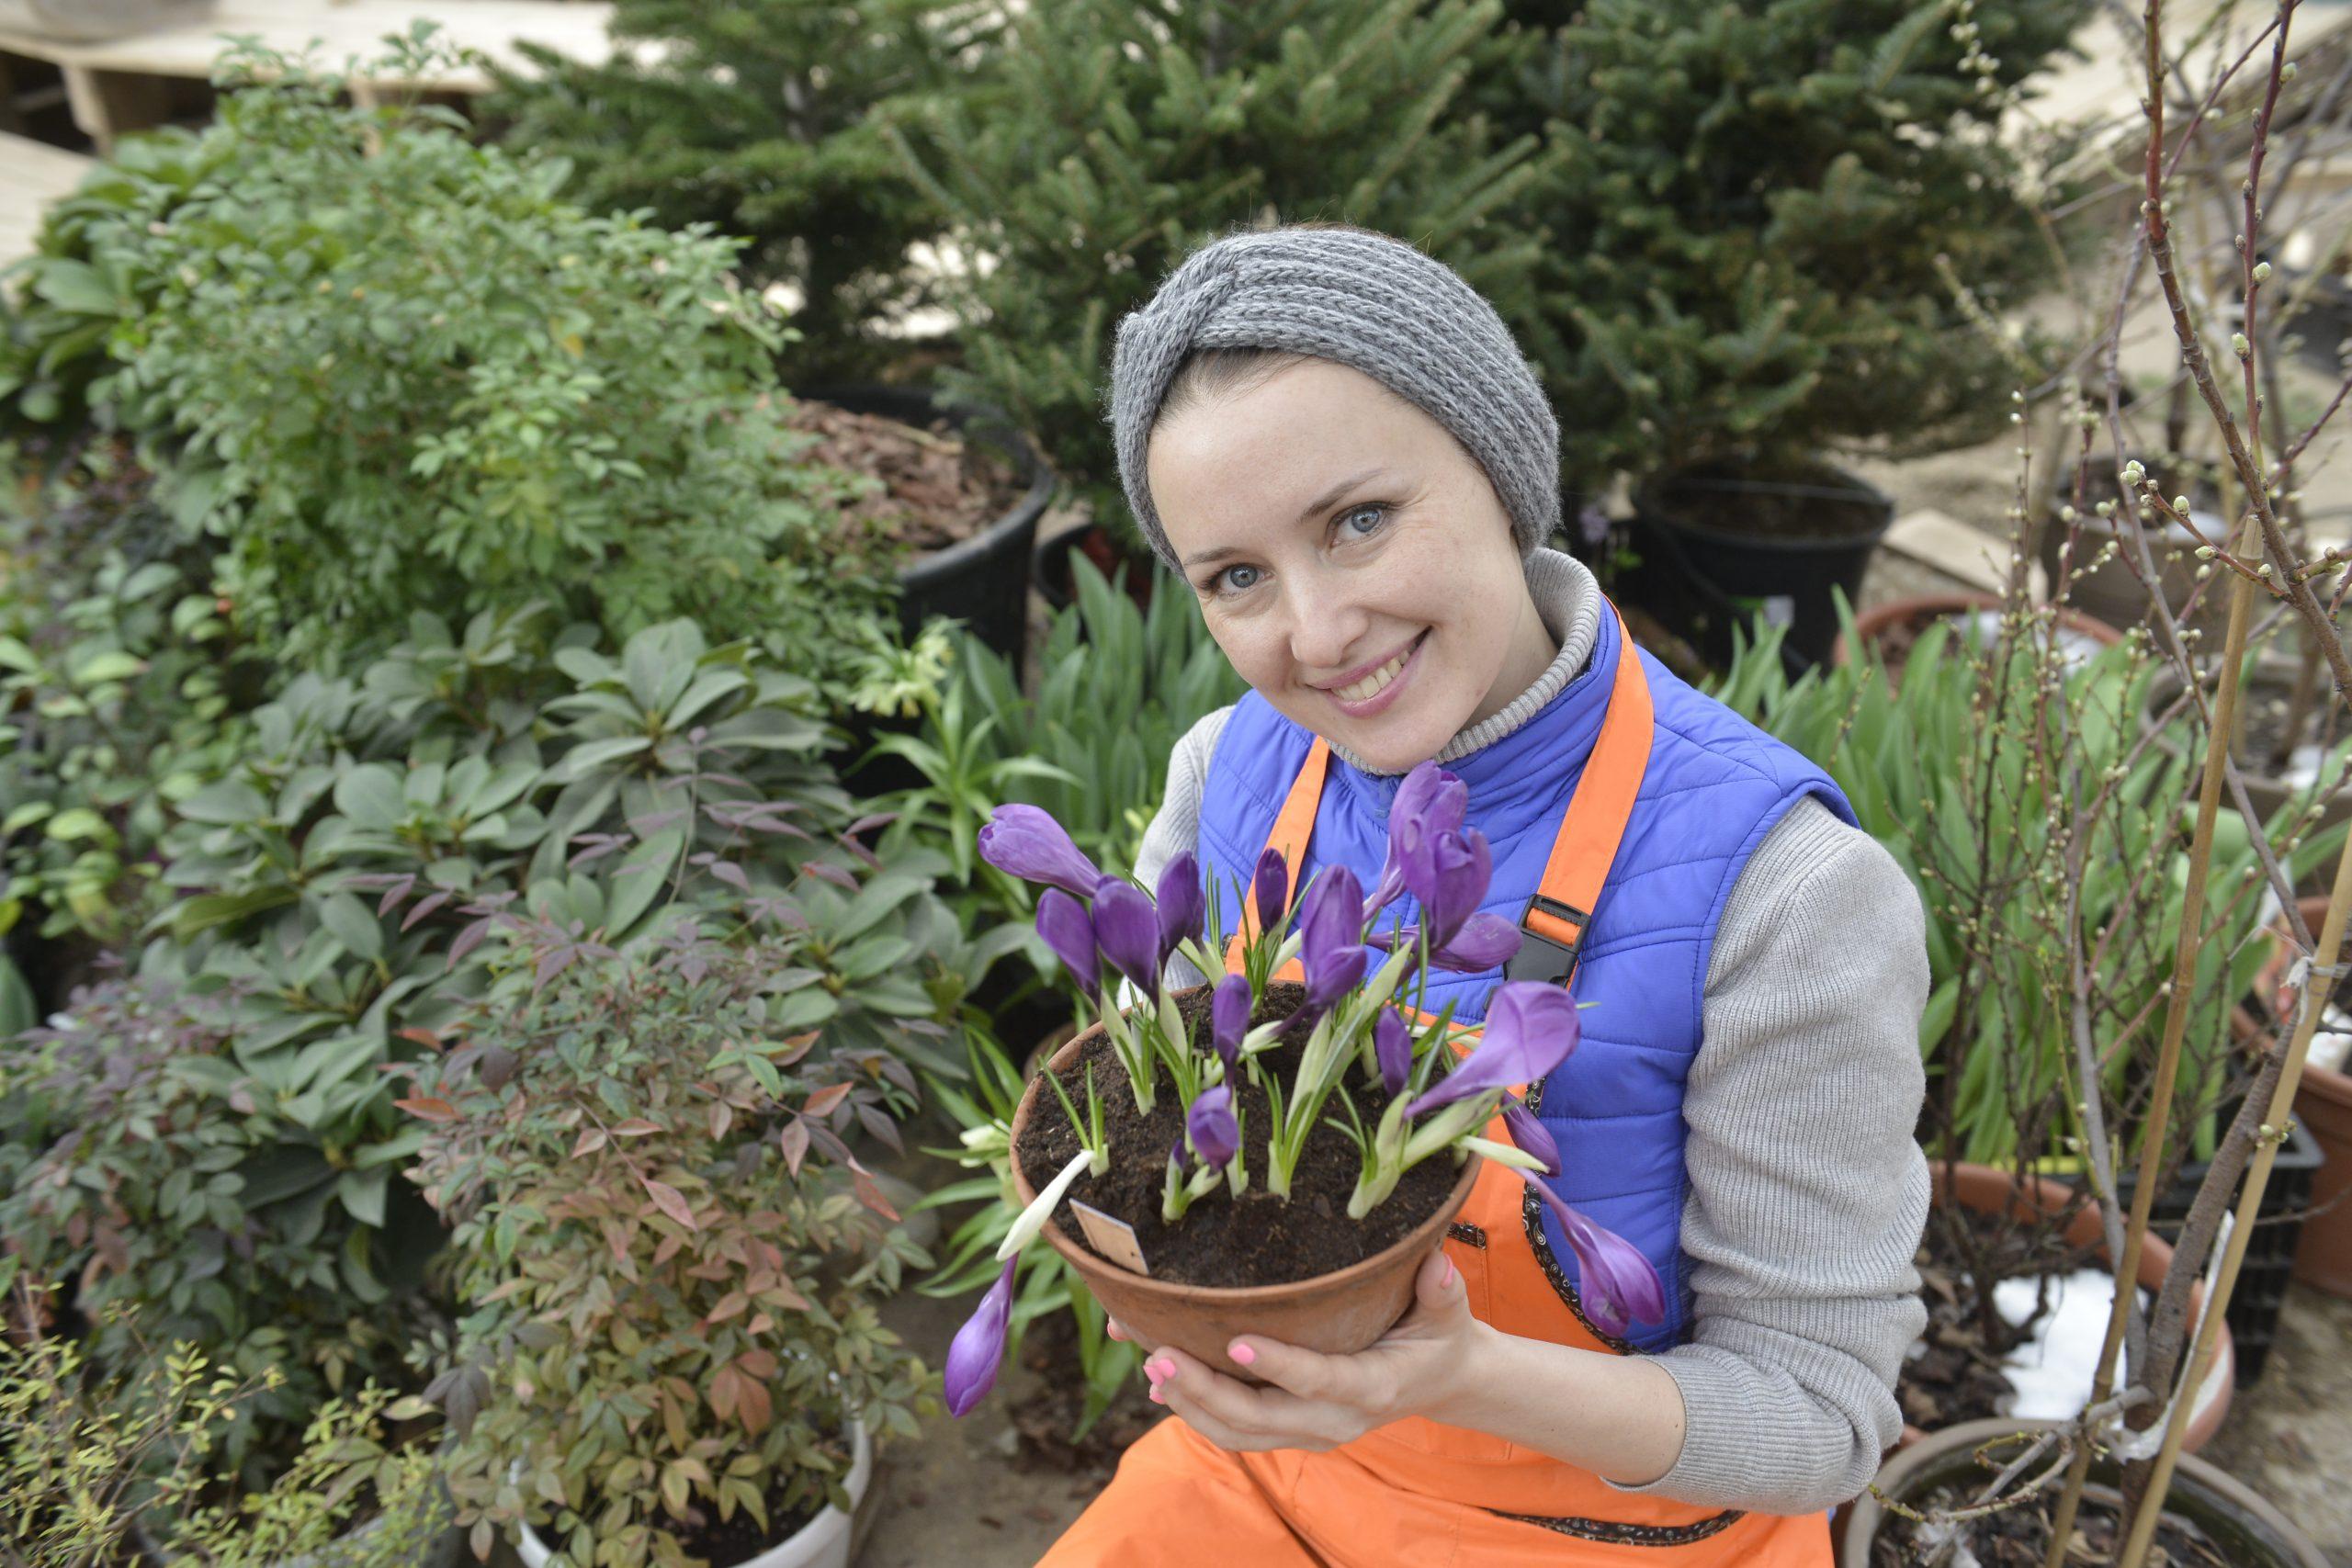 Сад и огород: горожане узнают о правилах ухода за земельным участком